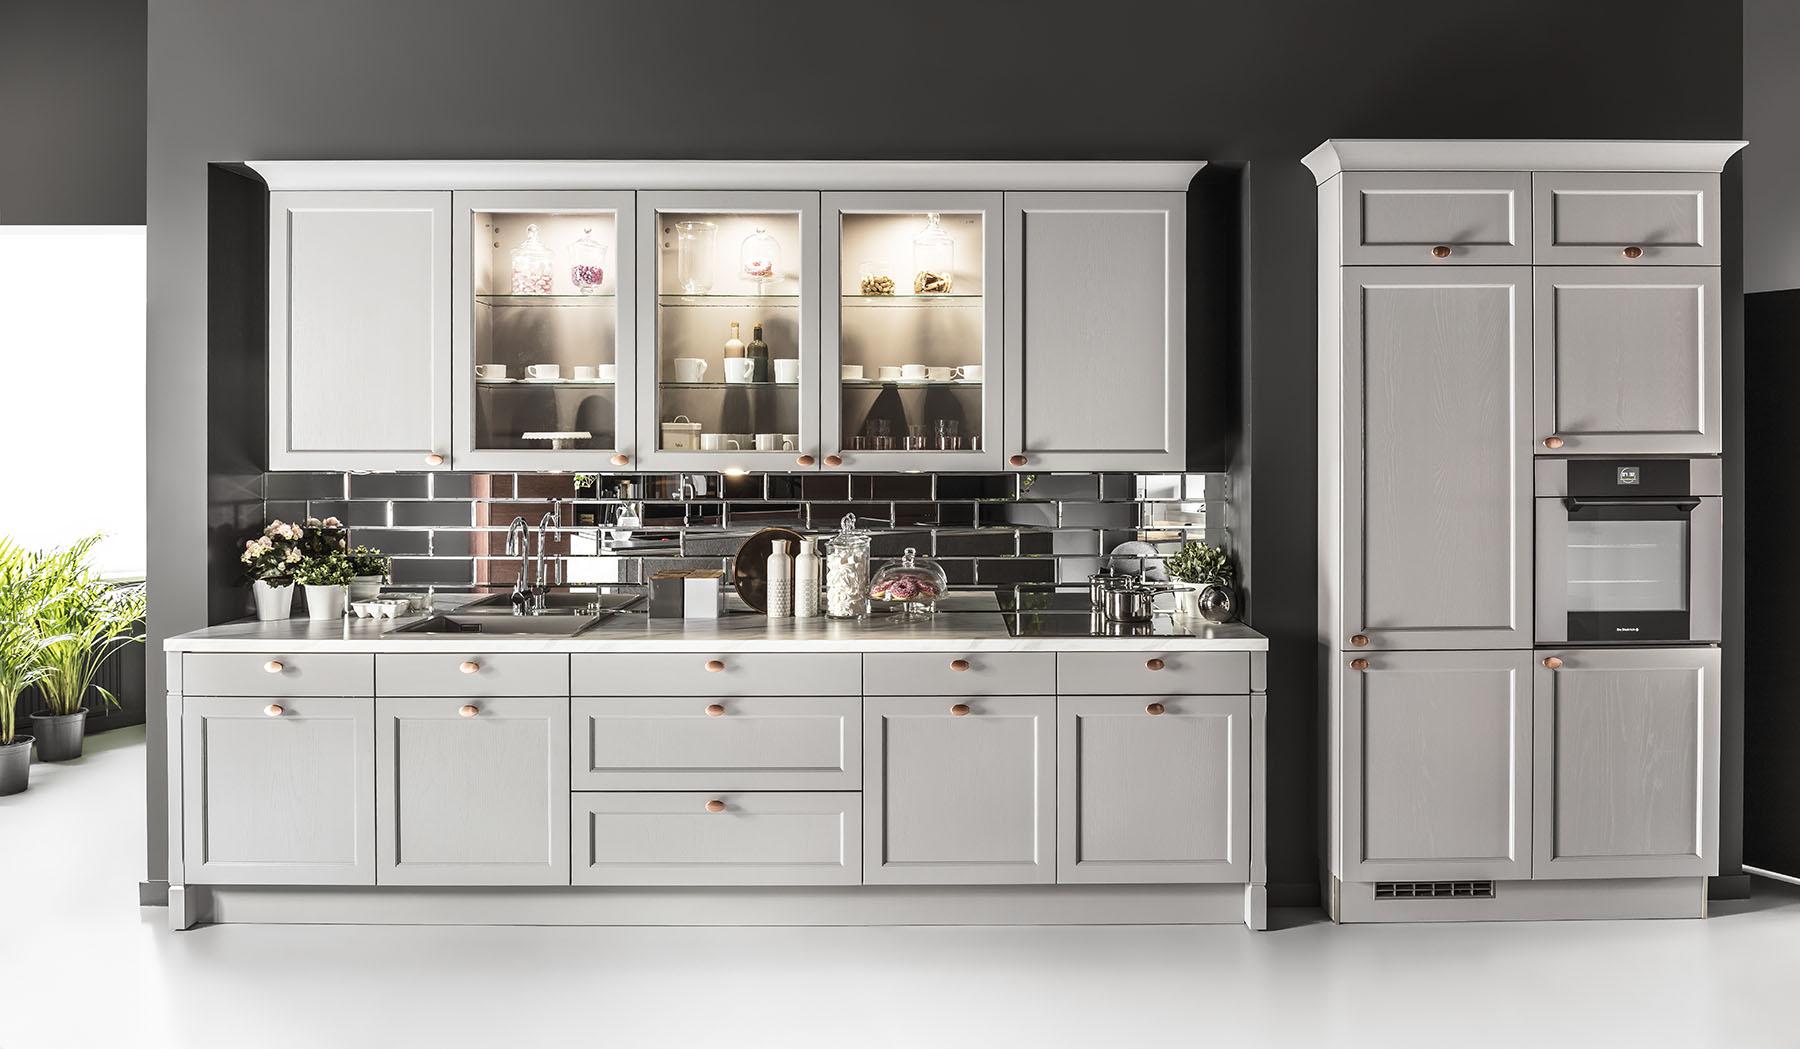 Meble kuchenne Bristol- kuchnie w ofercie firmy SAS Wnętrza i Kuchnie